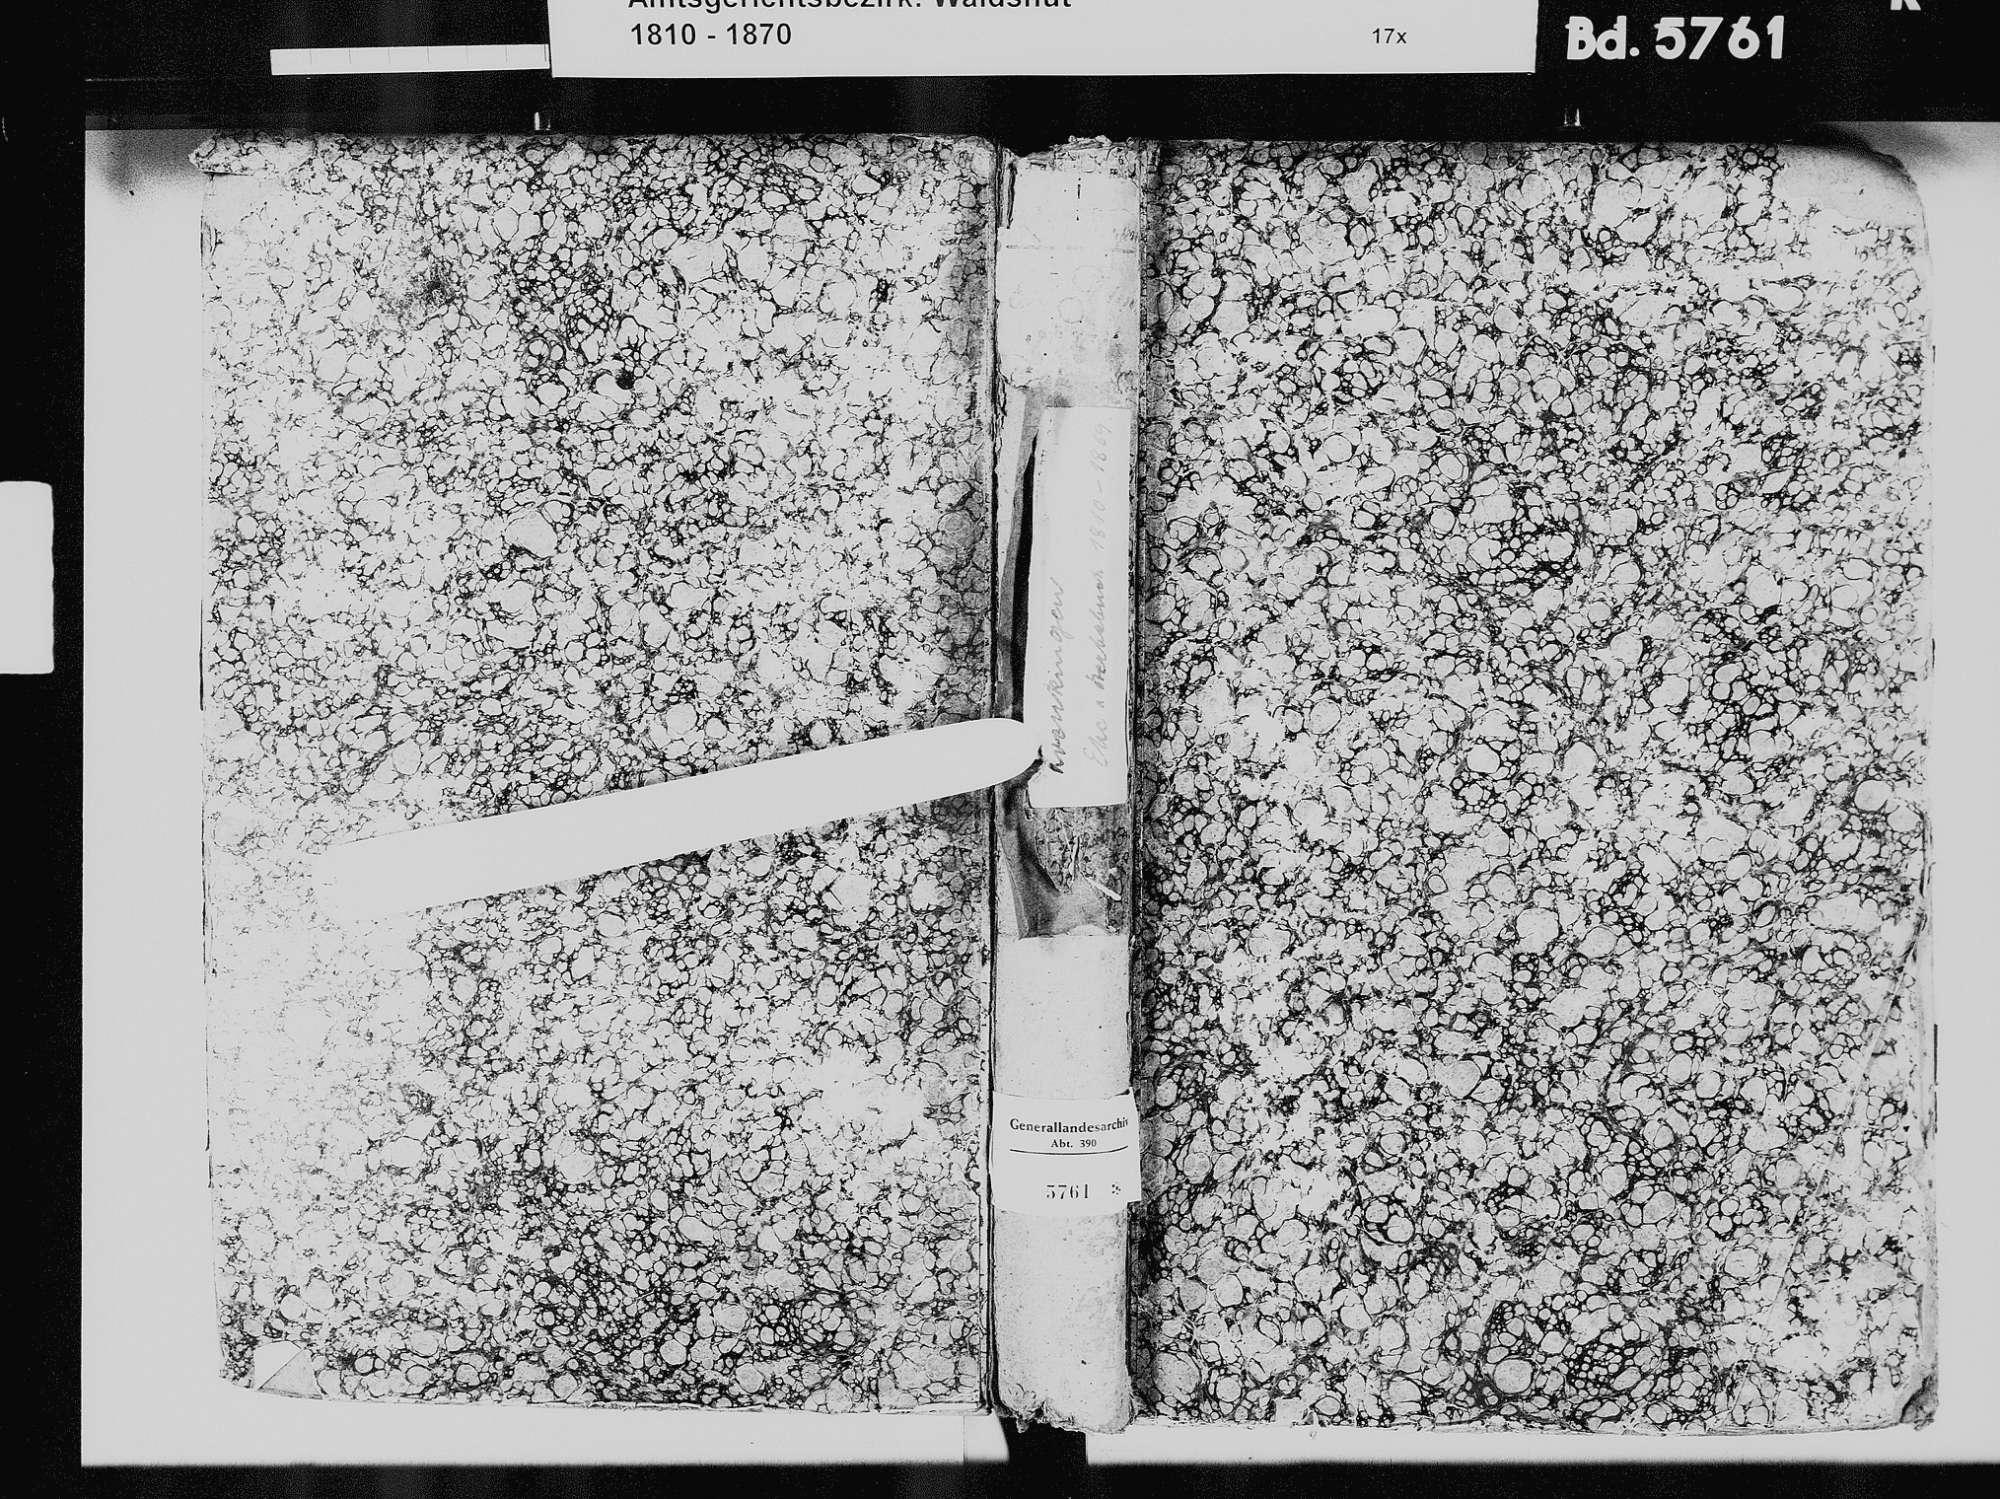 Krenkingen, Waldshut-Tiengen WT; Katholische Gemeinde: Heiratsbuch 1810-1869 Krenkingen, Waldshut-Tiengen WT; Katholische Gemeinde: Sterbebuch 1810-1869, Bild 3